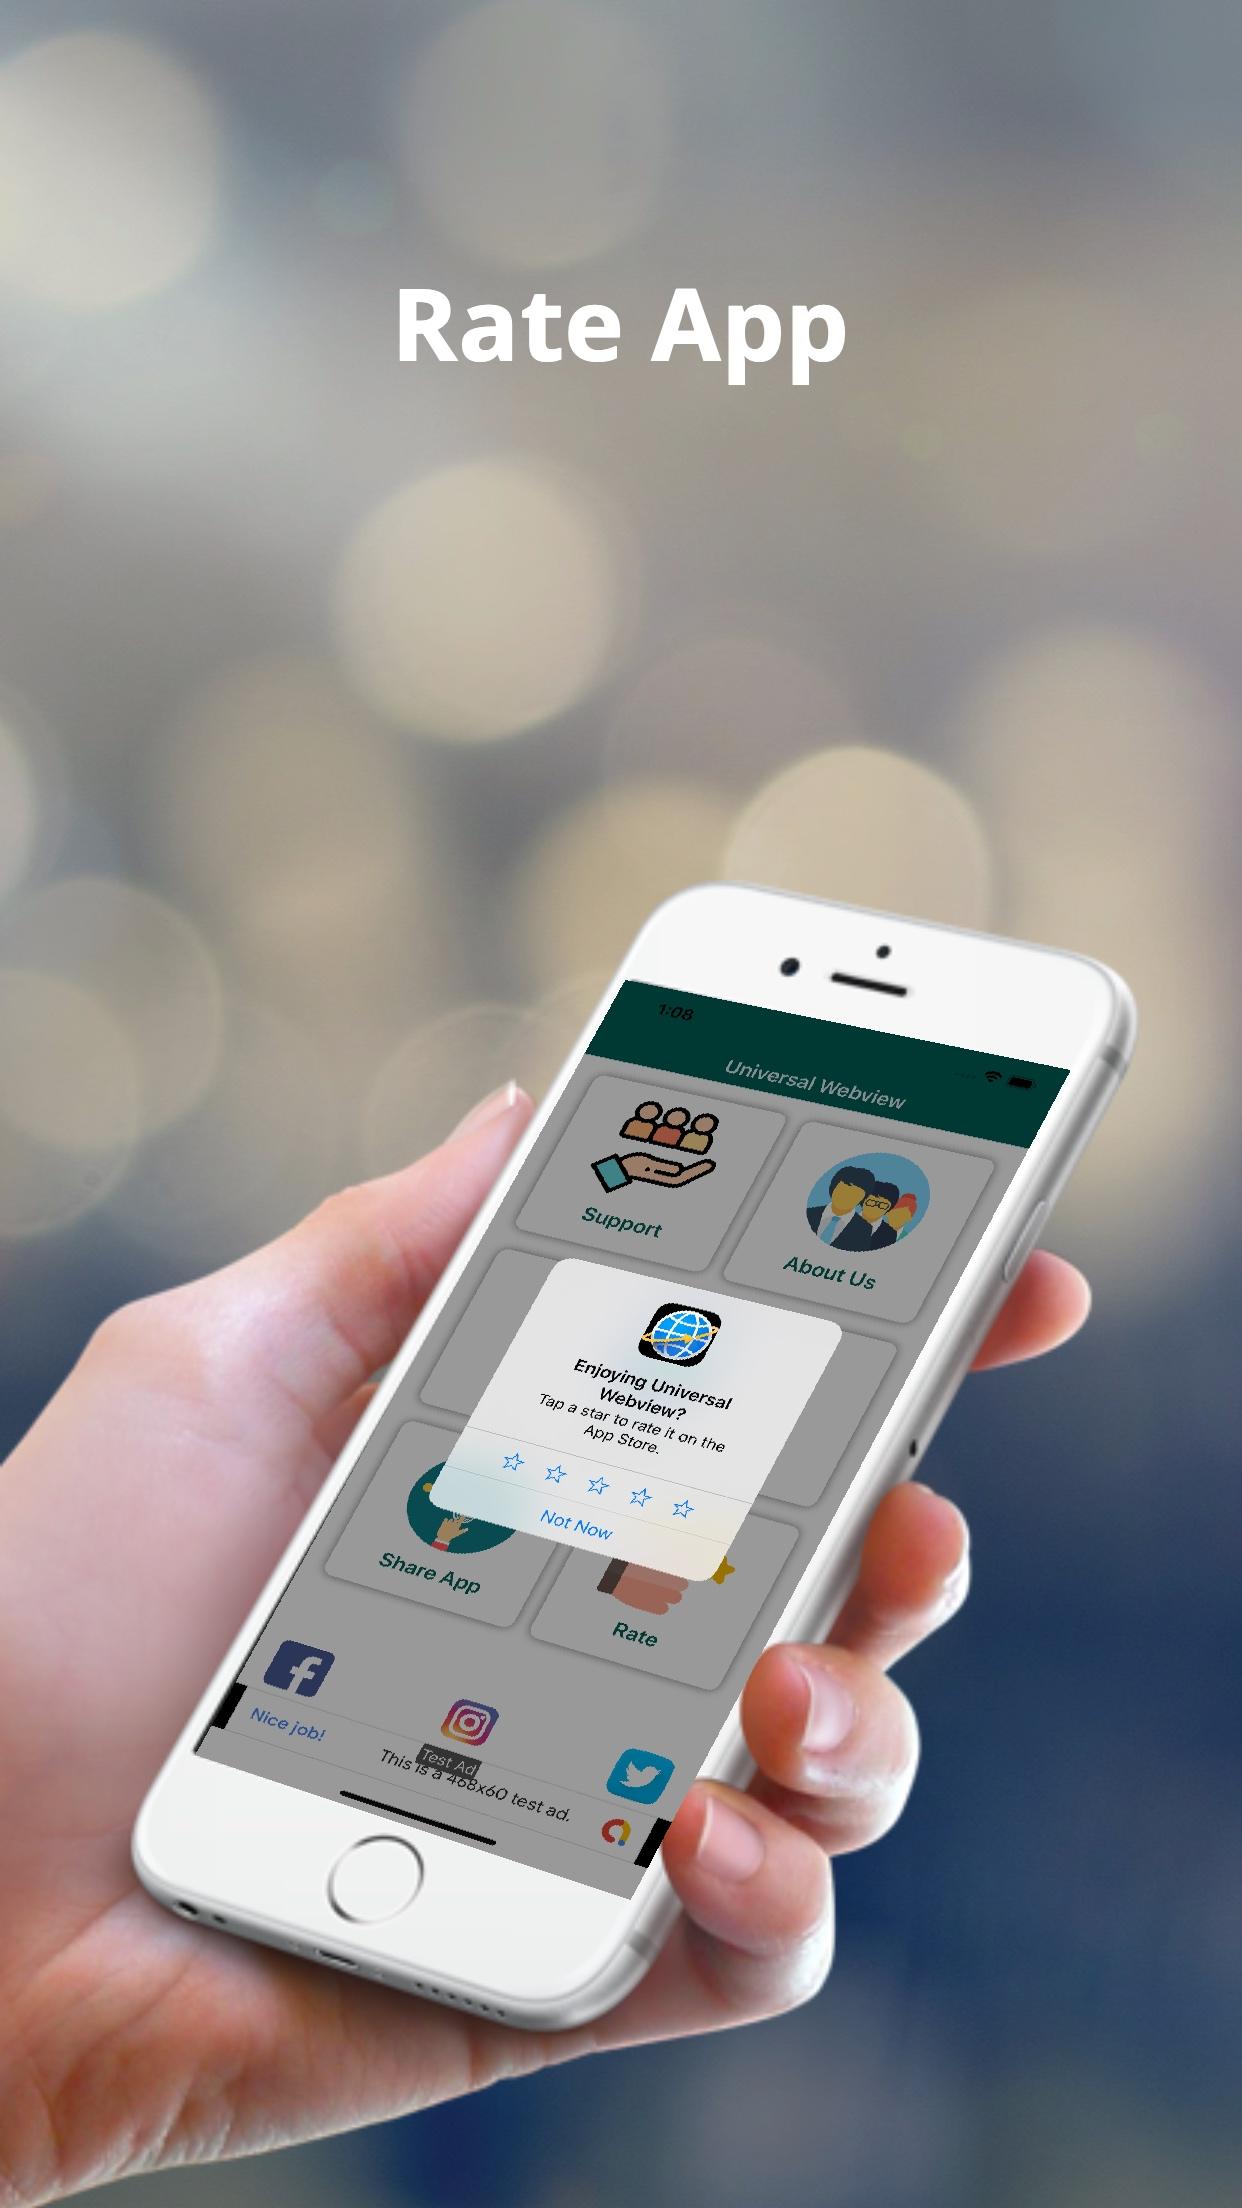 تطبيق ويب فيو iOS مجاني